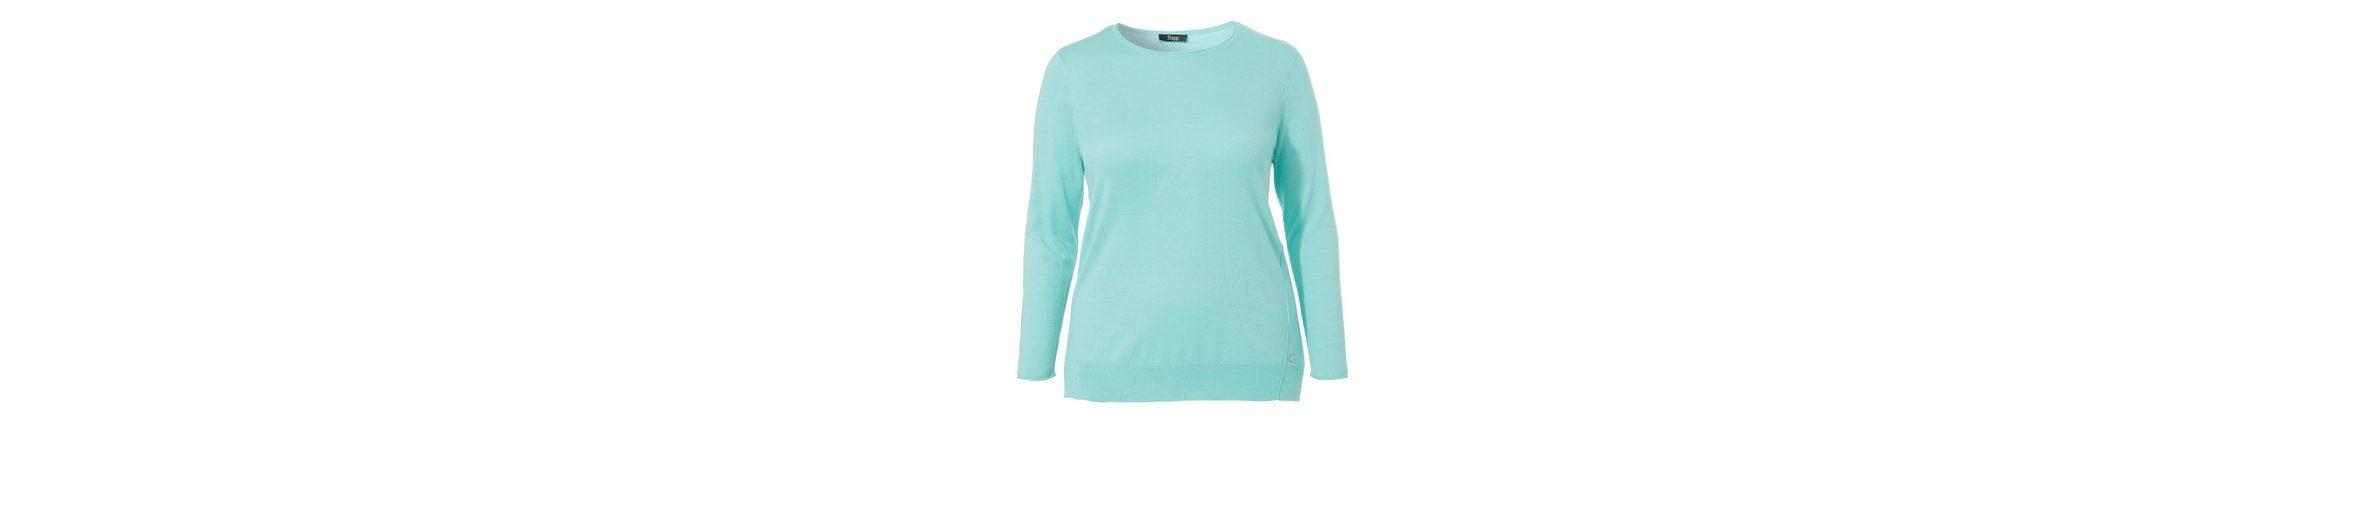 Neuesten Kollektionen Verkauf Online FRAPP Feinstrick-Pullover mit Rundhals-Ausschnitt Einkaufen 2018 Online Rabatt Viele Arten Von c5zXgqd